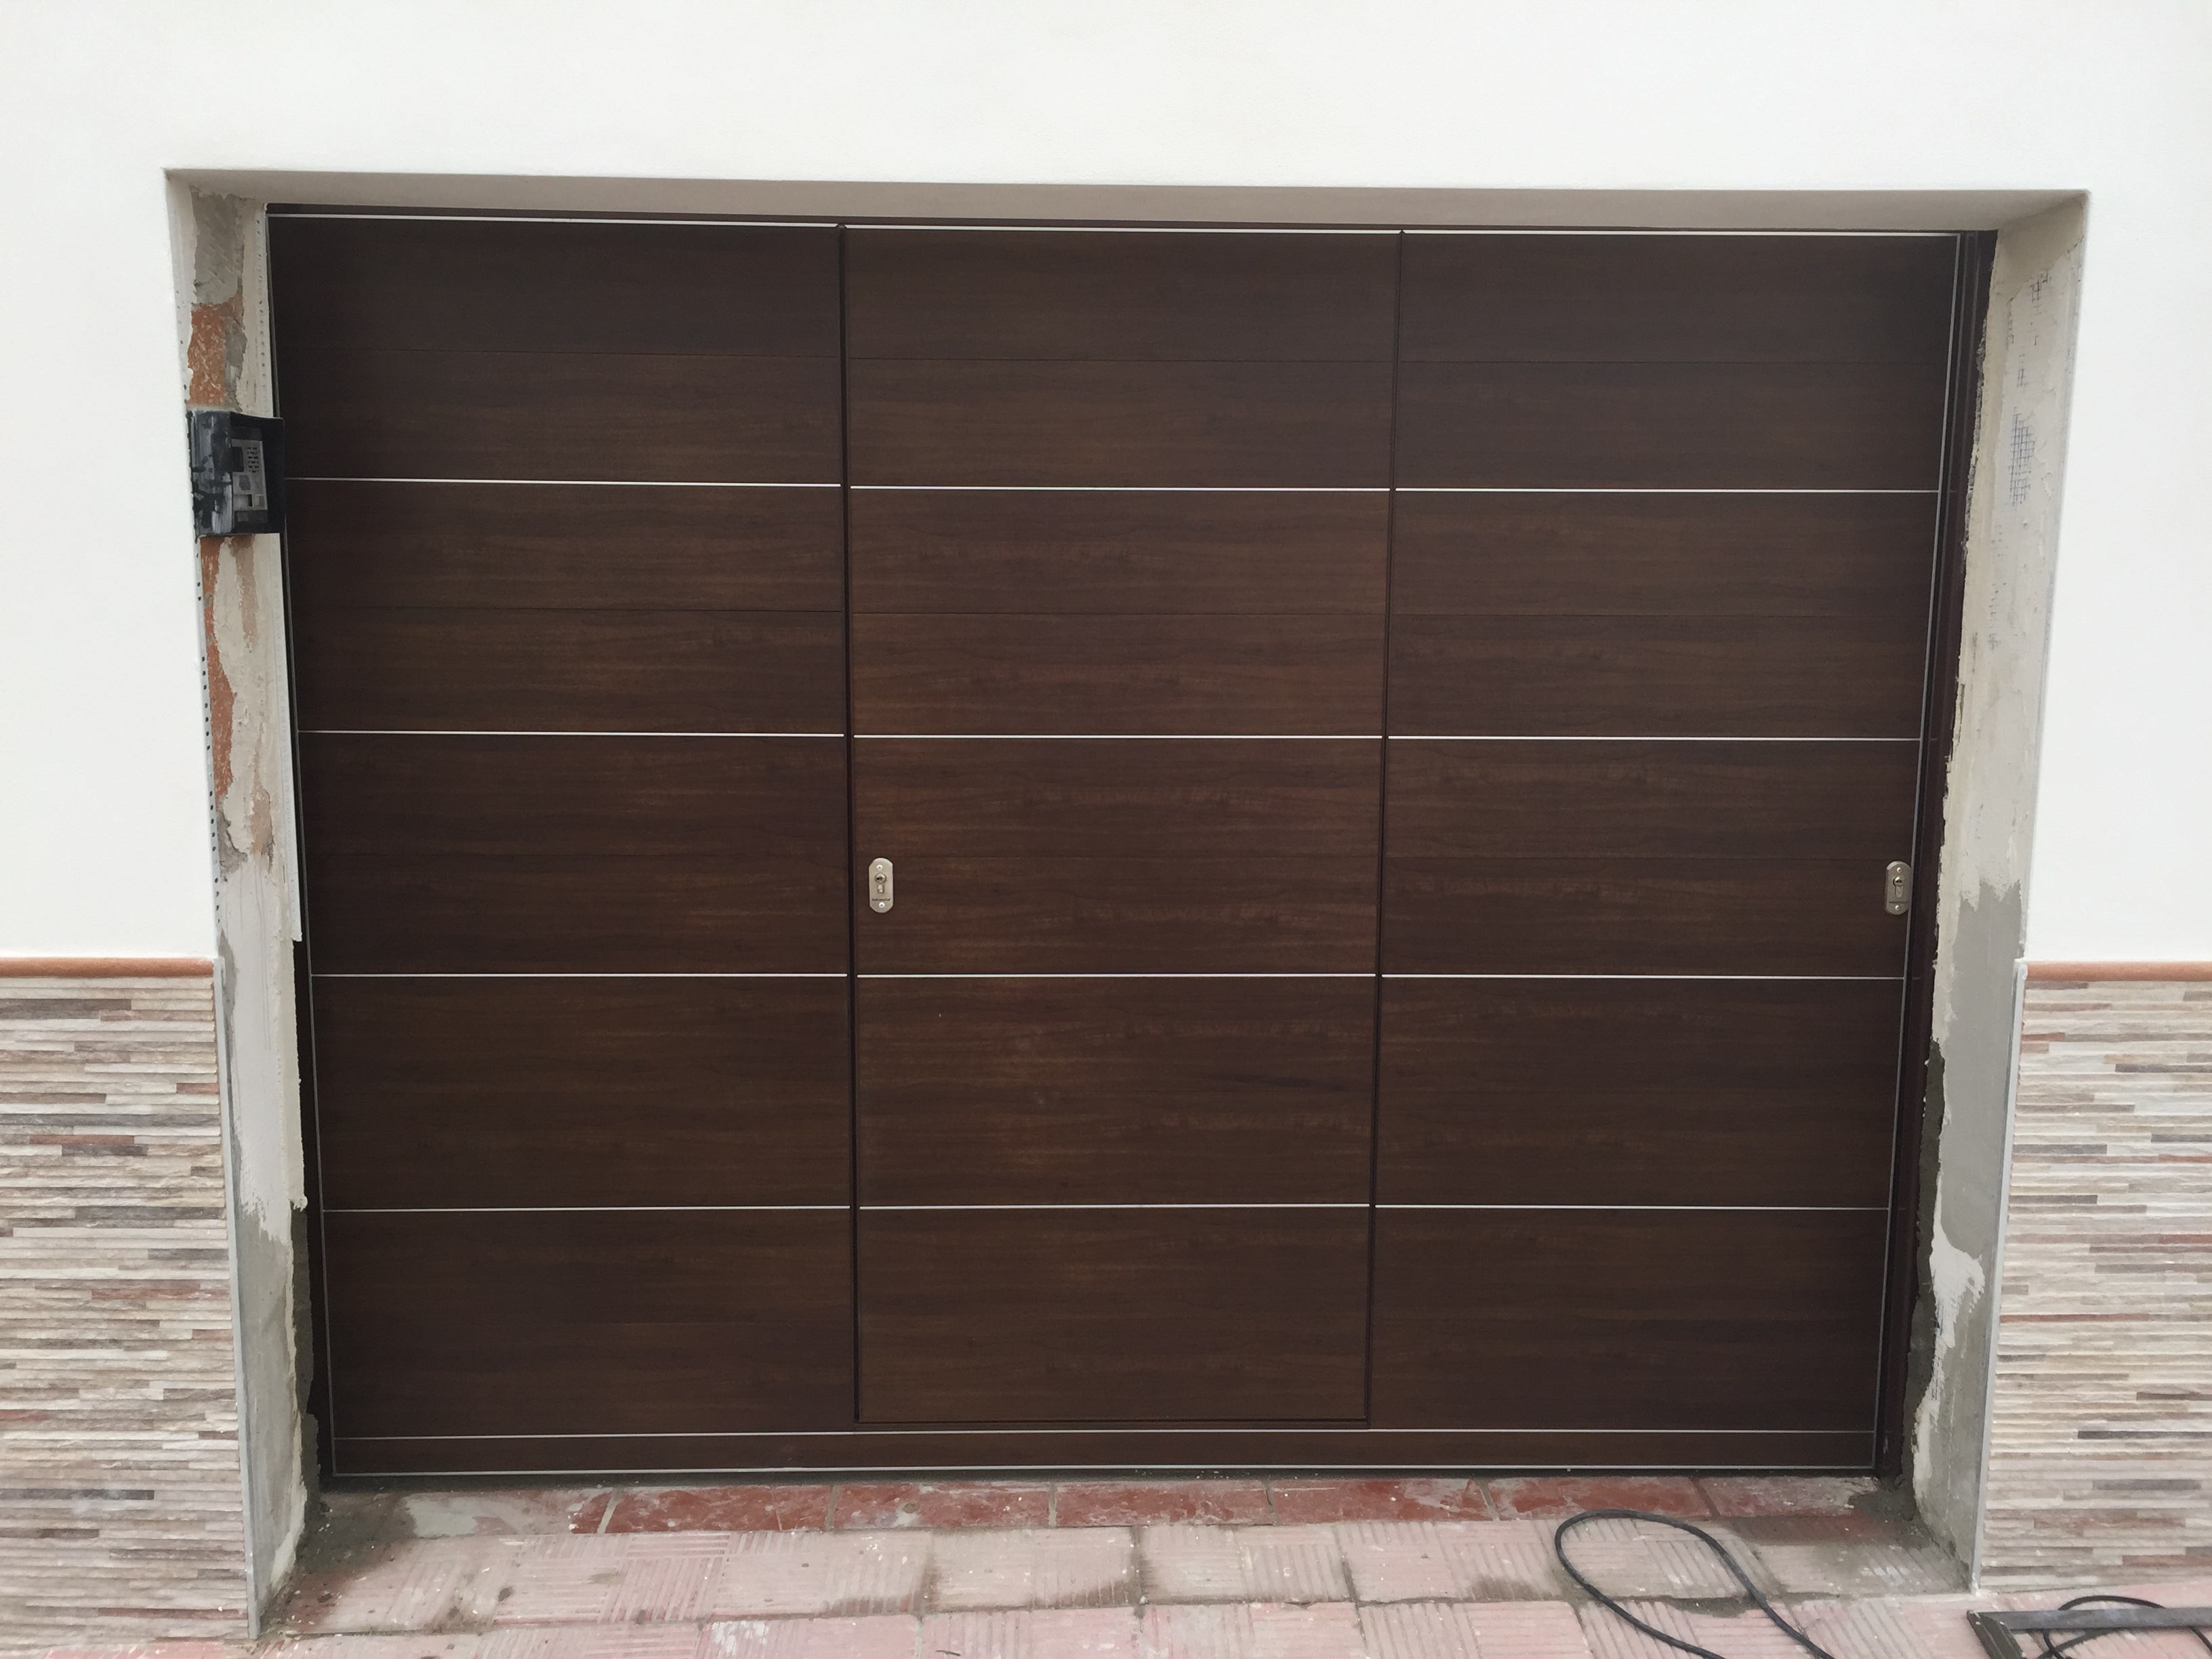 Garaje abatibles puertas indumetal - Puerta garaje abatible ...